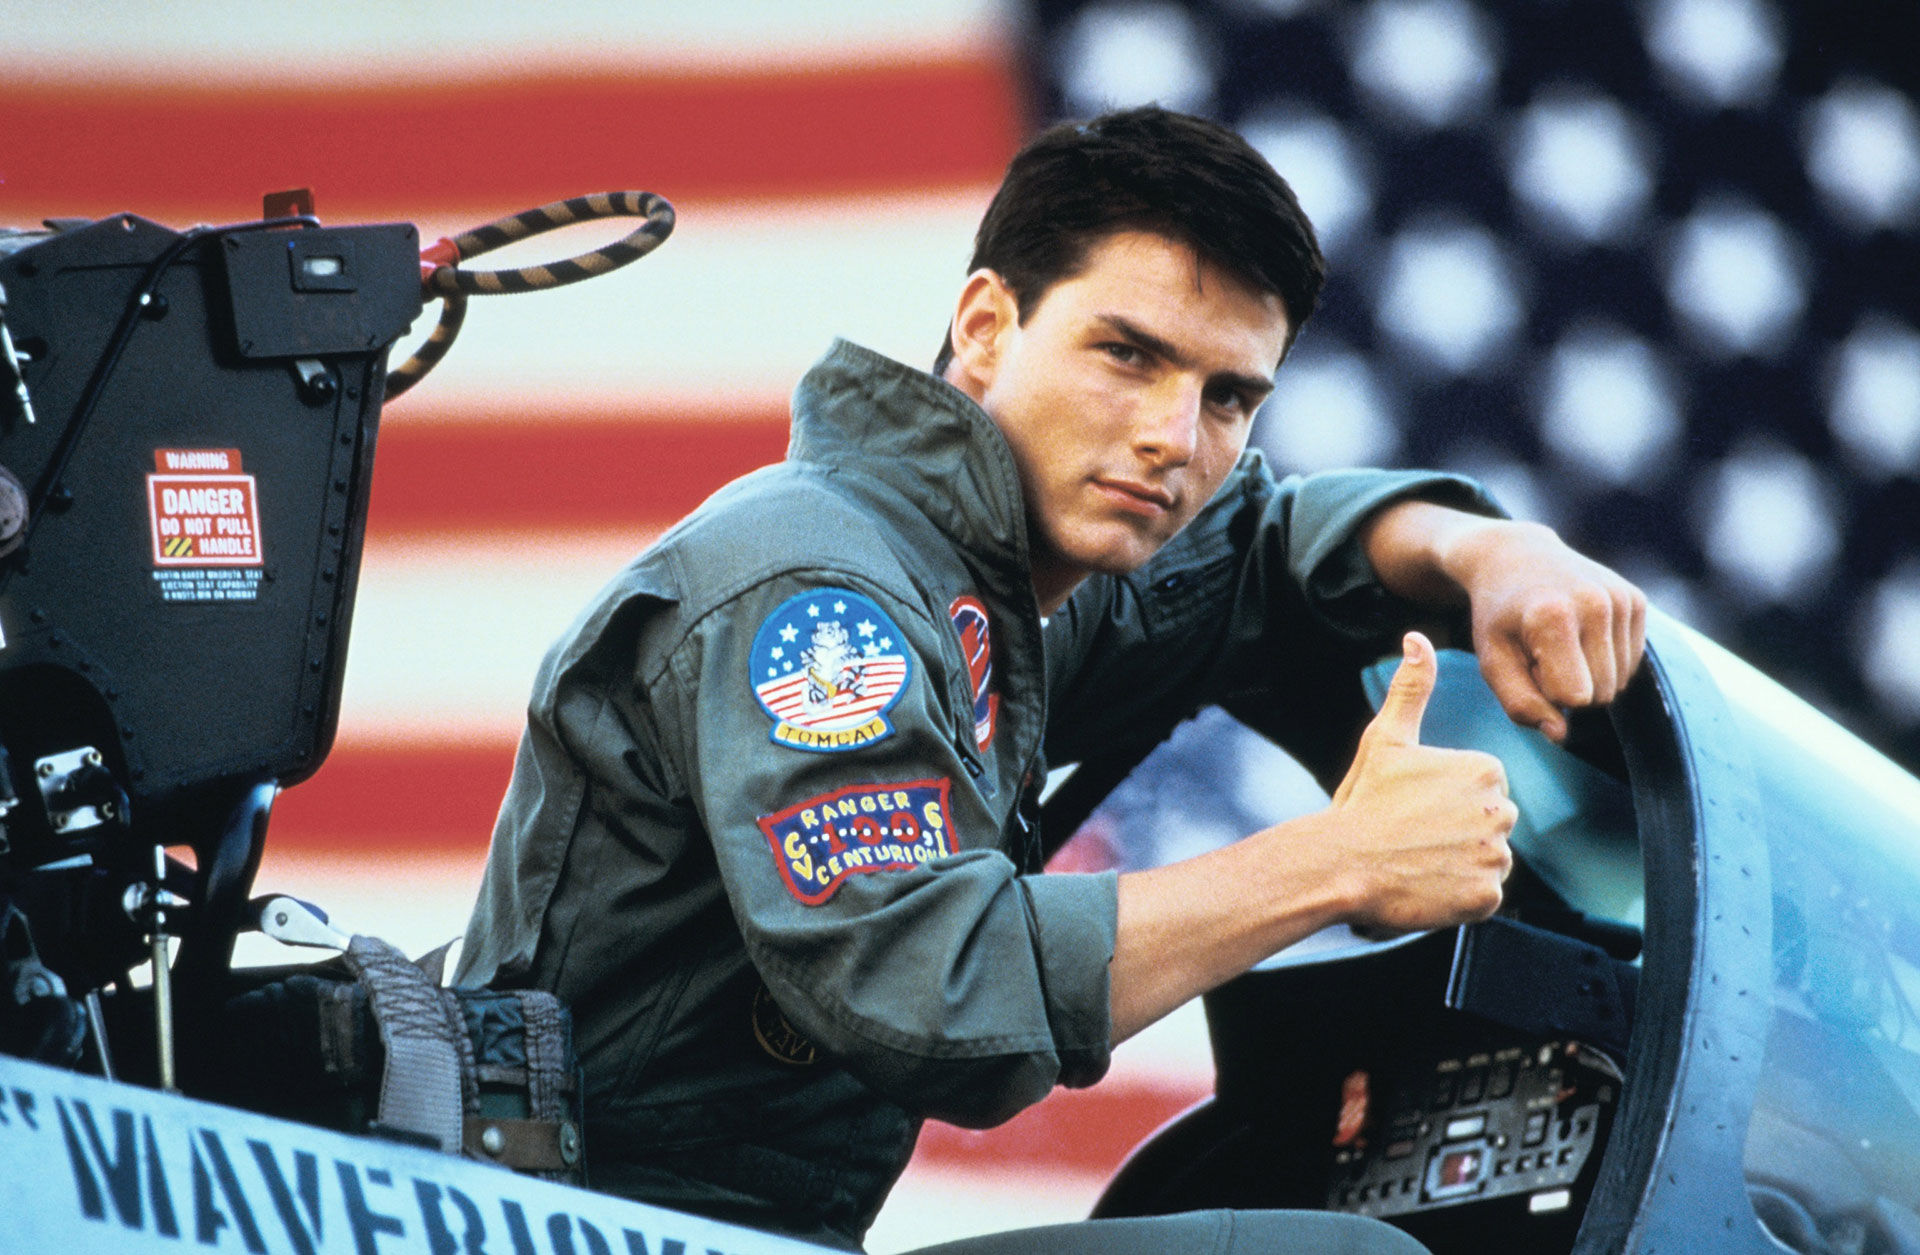 Uppföljare till Top Gun kommer!